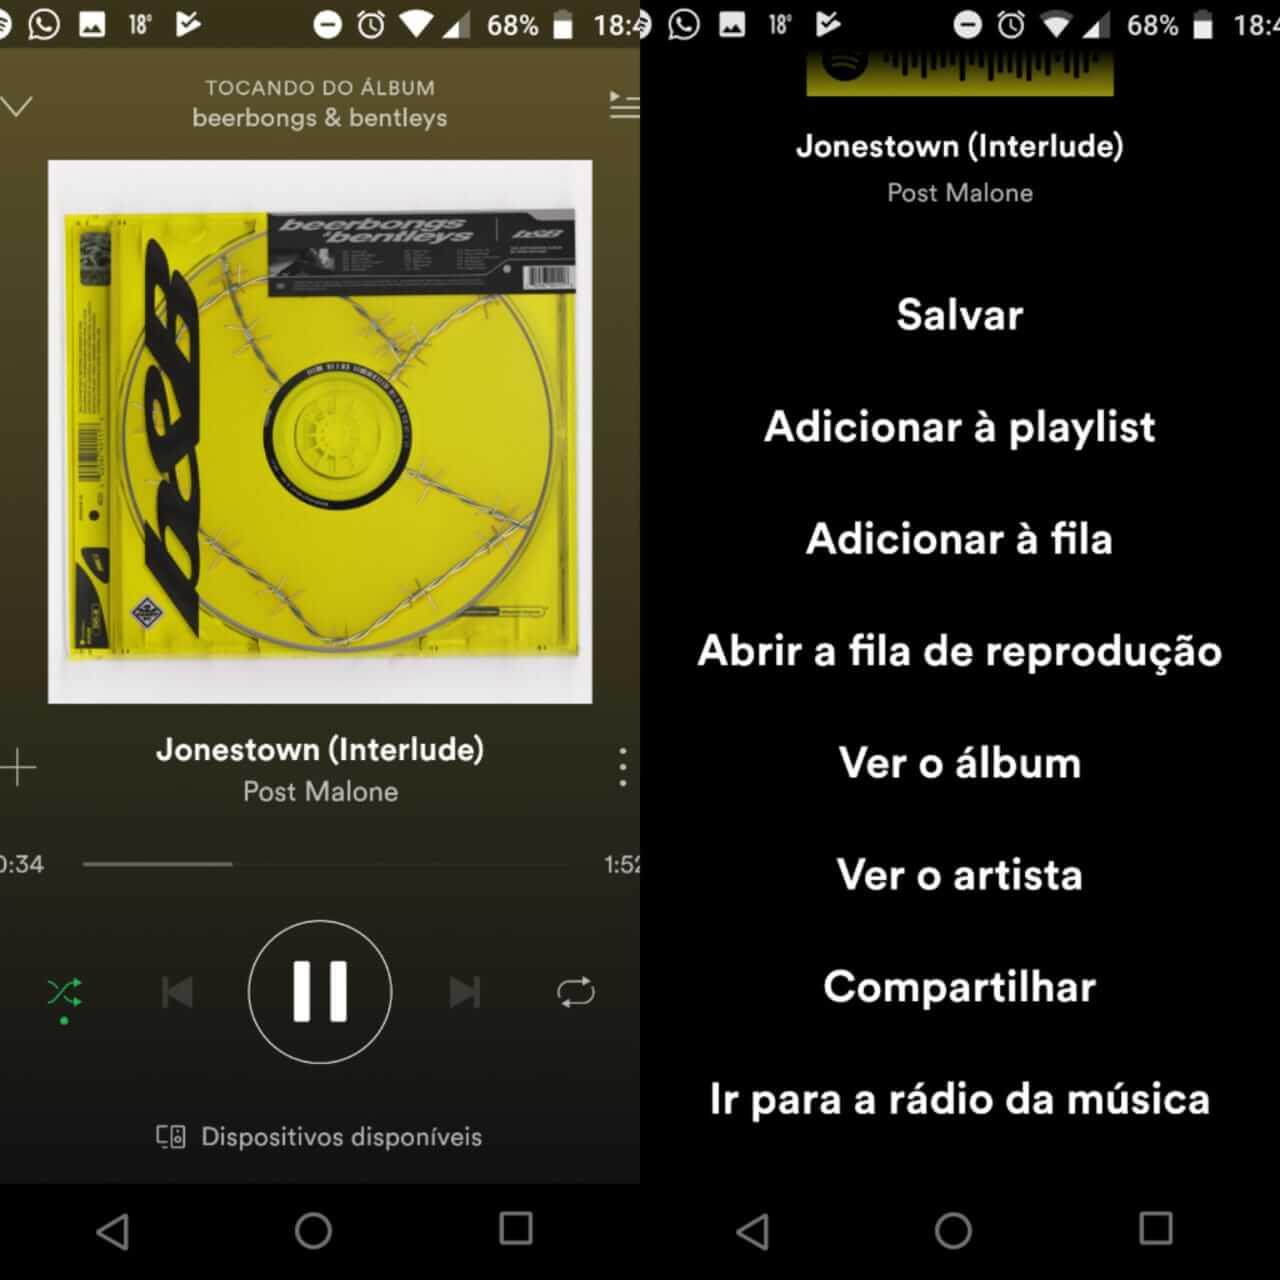 Como compartilhar músicas do Spotify no Instagram 6